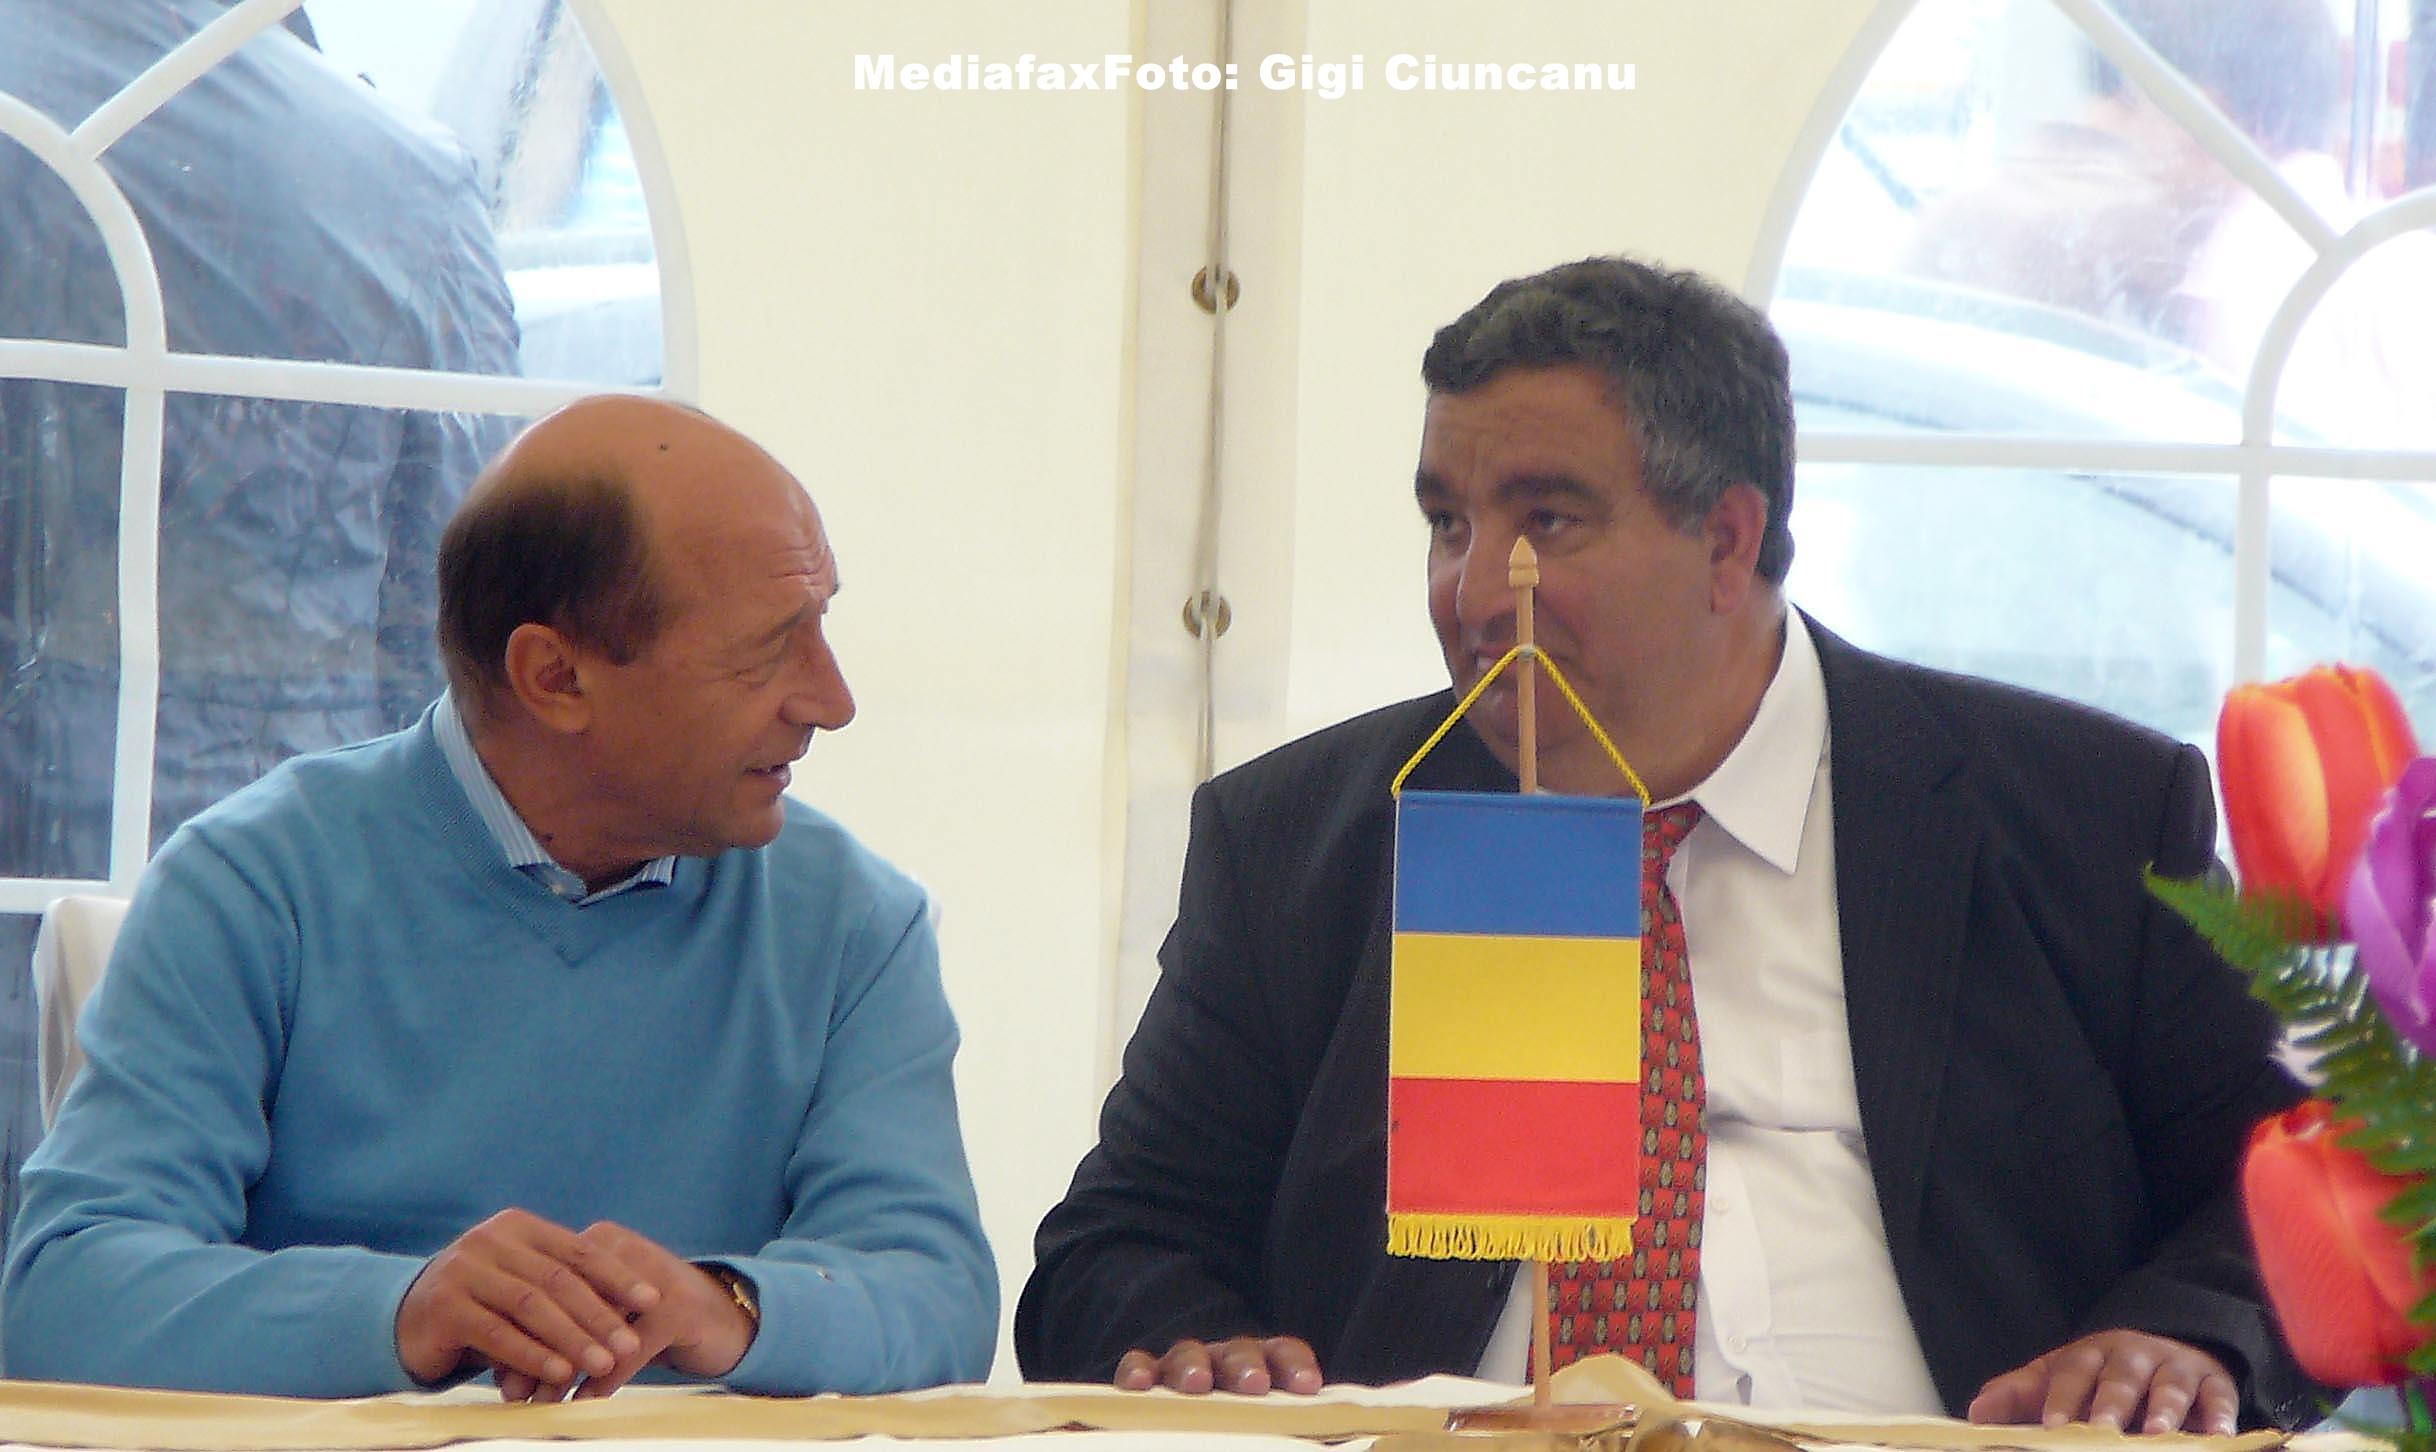 Presedintele Traian Basescu a plecat de la locuinta familiei Cioaba dupa aproximativ 15 minute